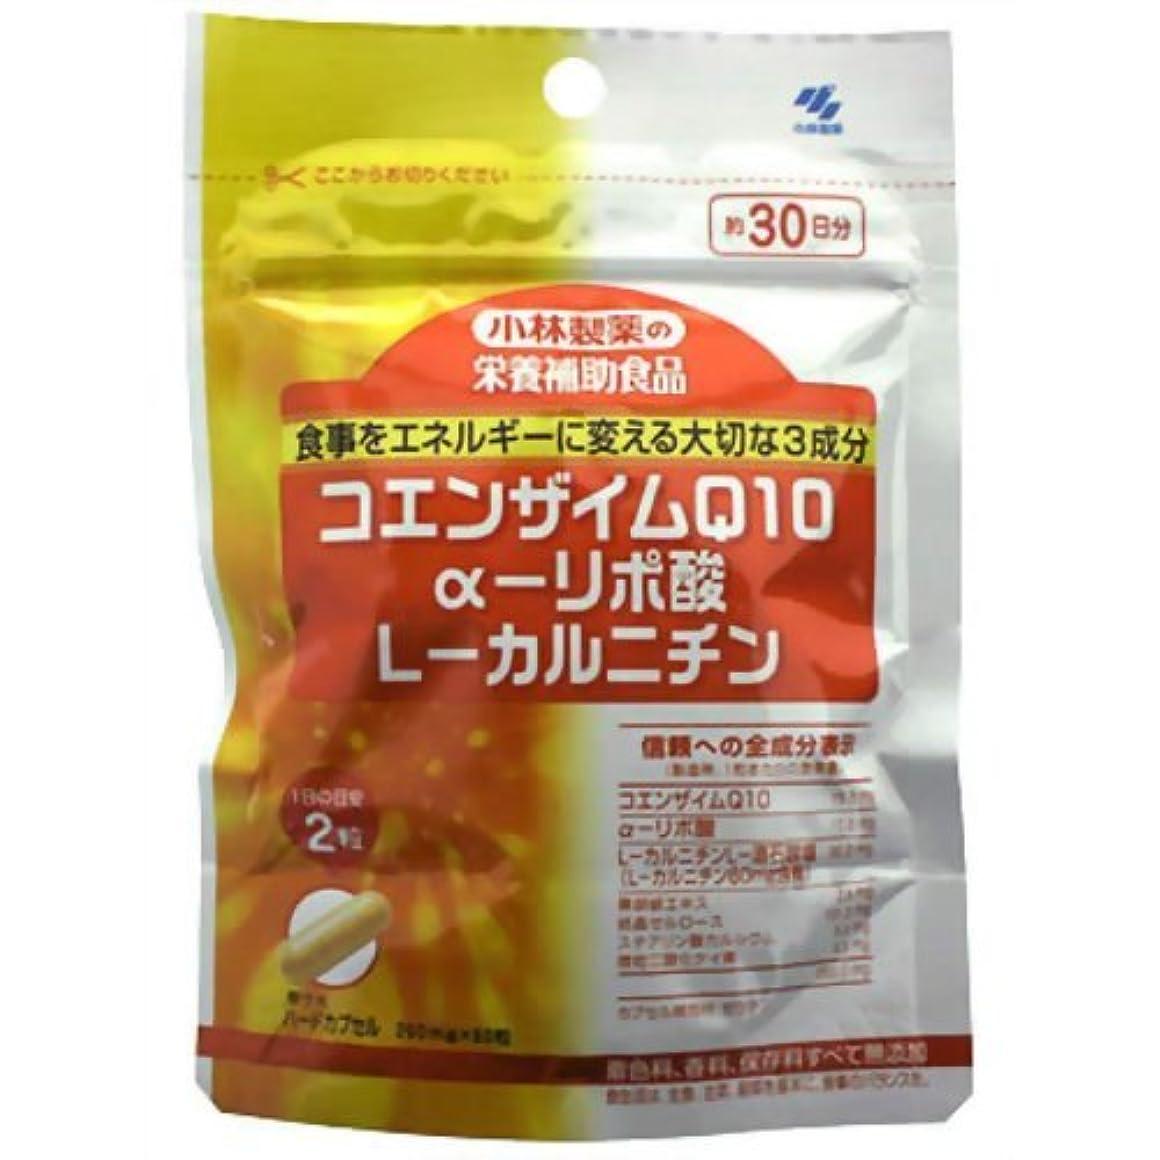 テーブルを設定するうなるバナー小林製薬の栄養補助食品 CoQ10+αリポ酸+Lカルニチン 60粒